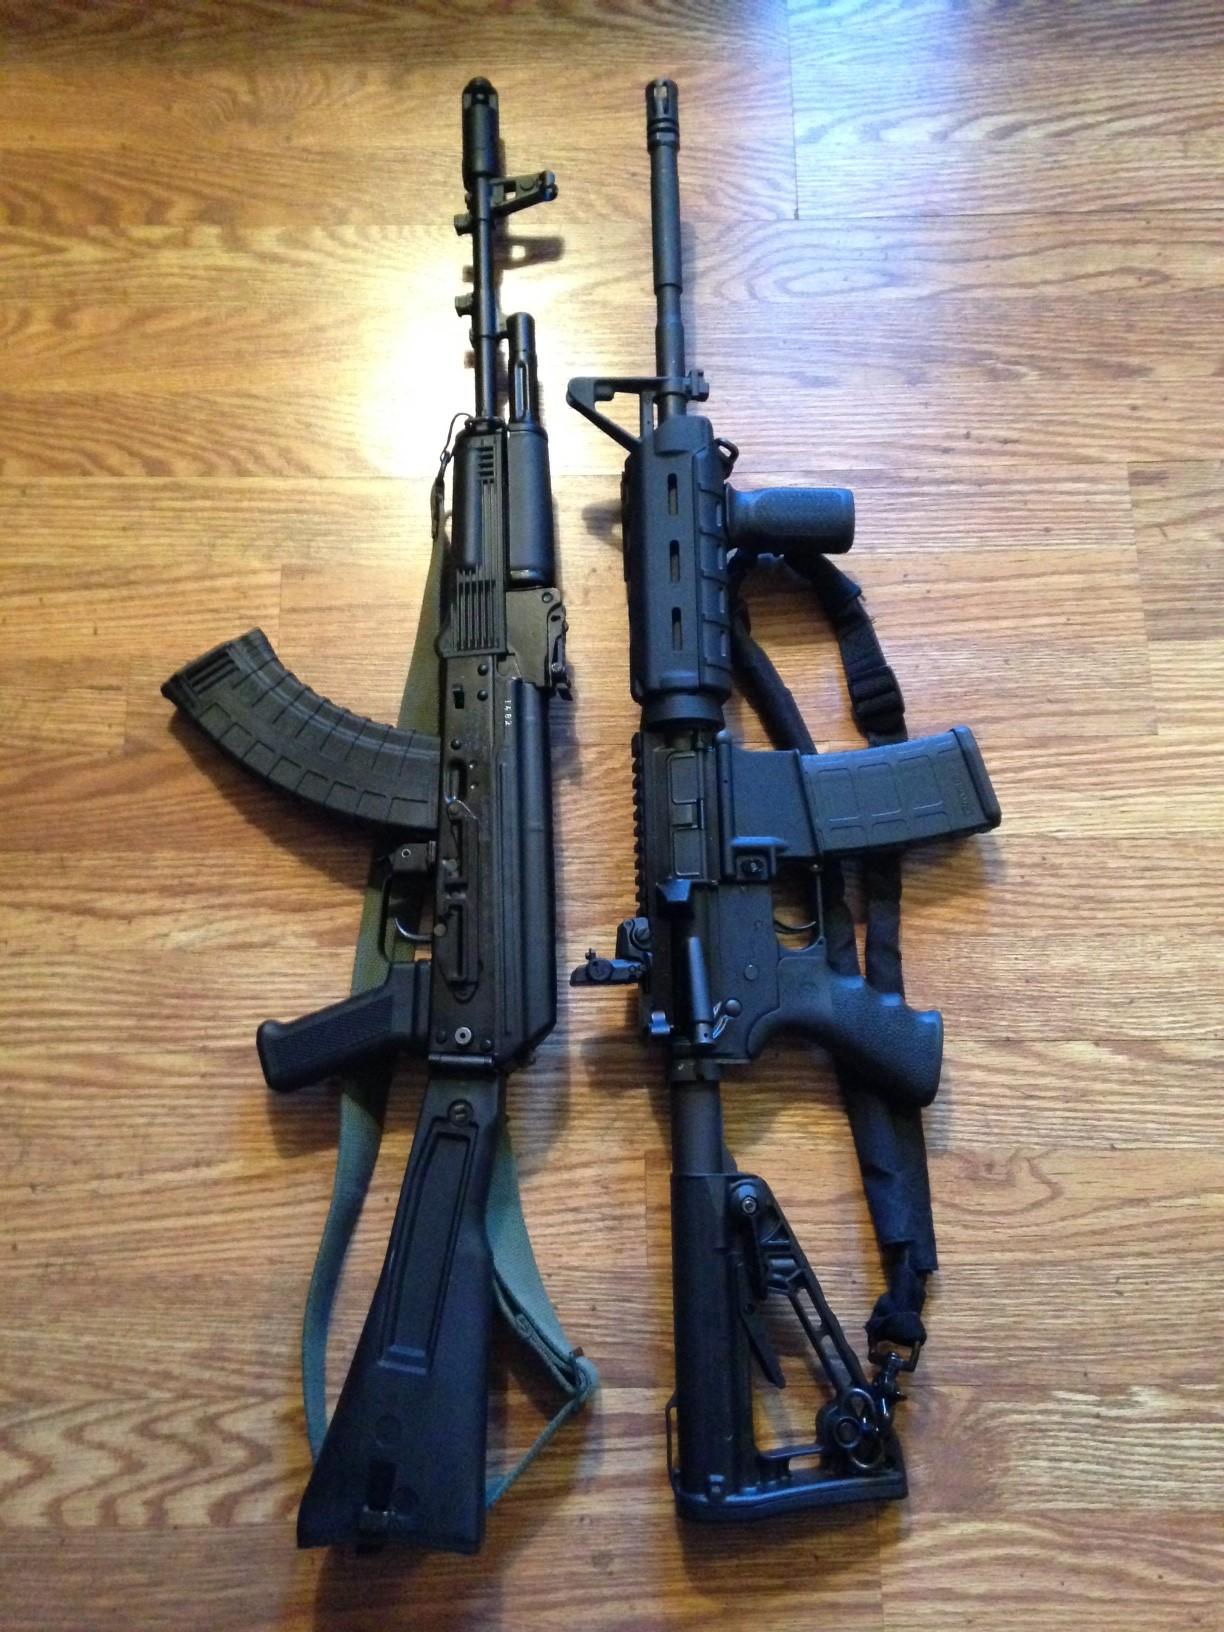 AK or AR ? ... AK AND AR **  Gen 2 glock 19-akar4.jpg